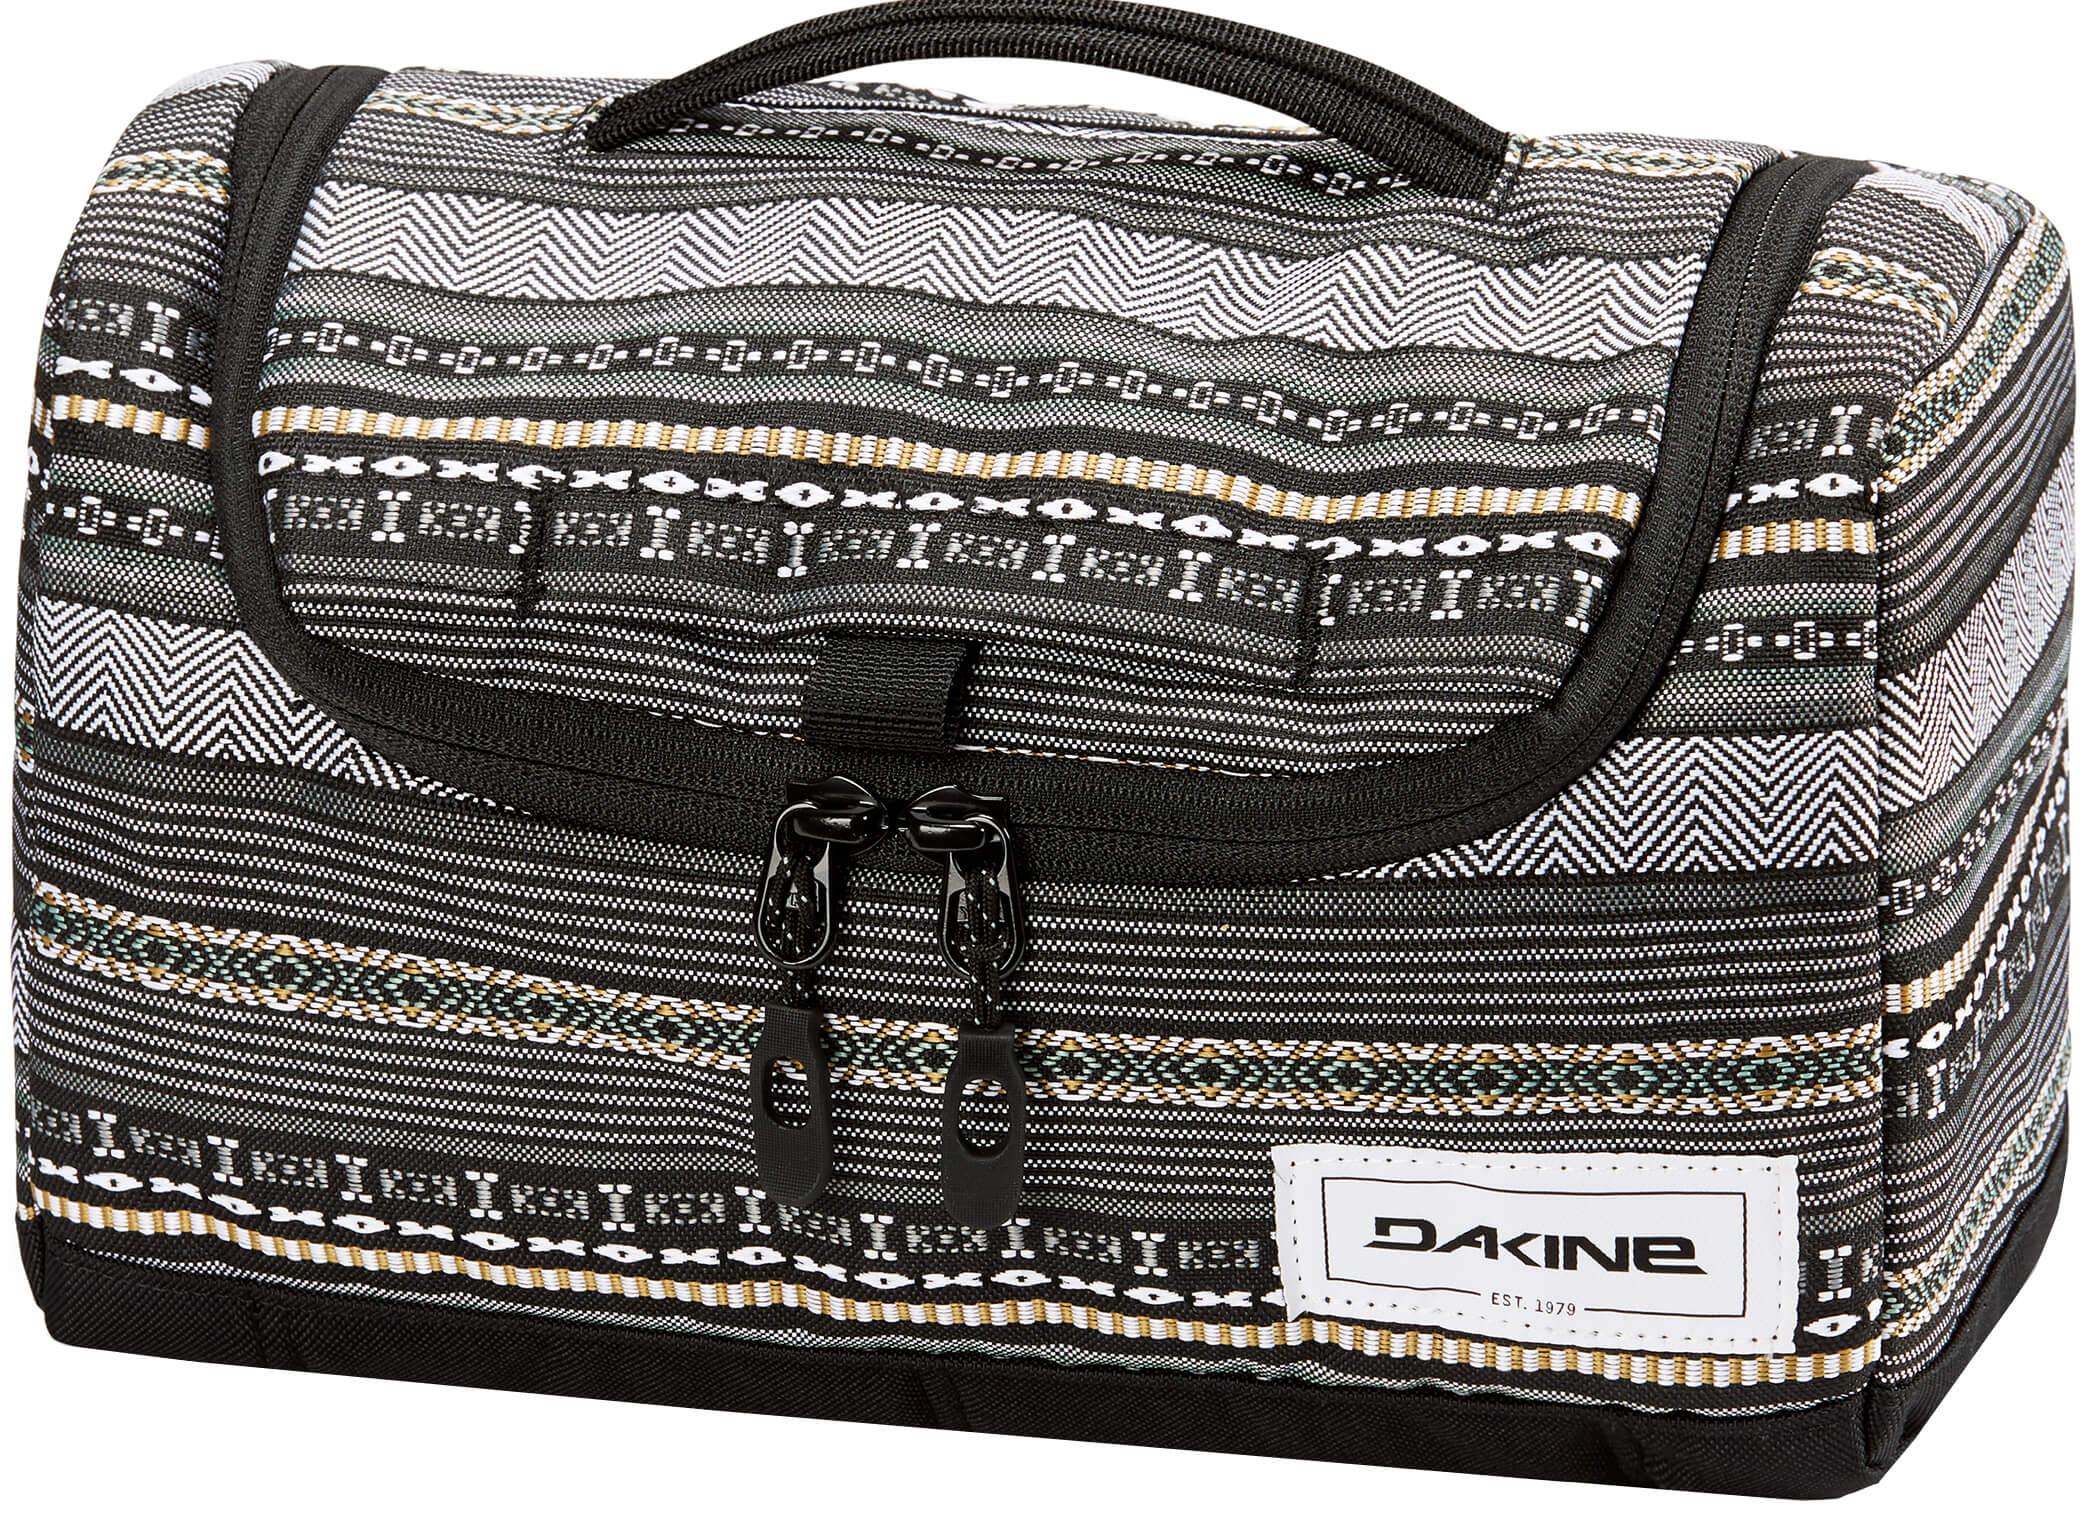 Dakine Cestovní kosmetická taška Revival Kit M 10001813-S19 Zion ... 0ec9fac171